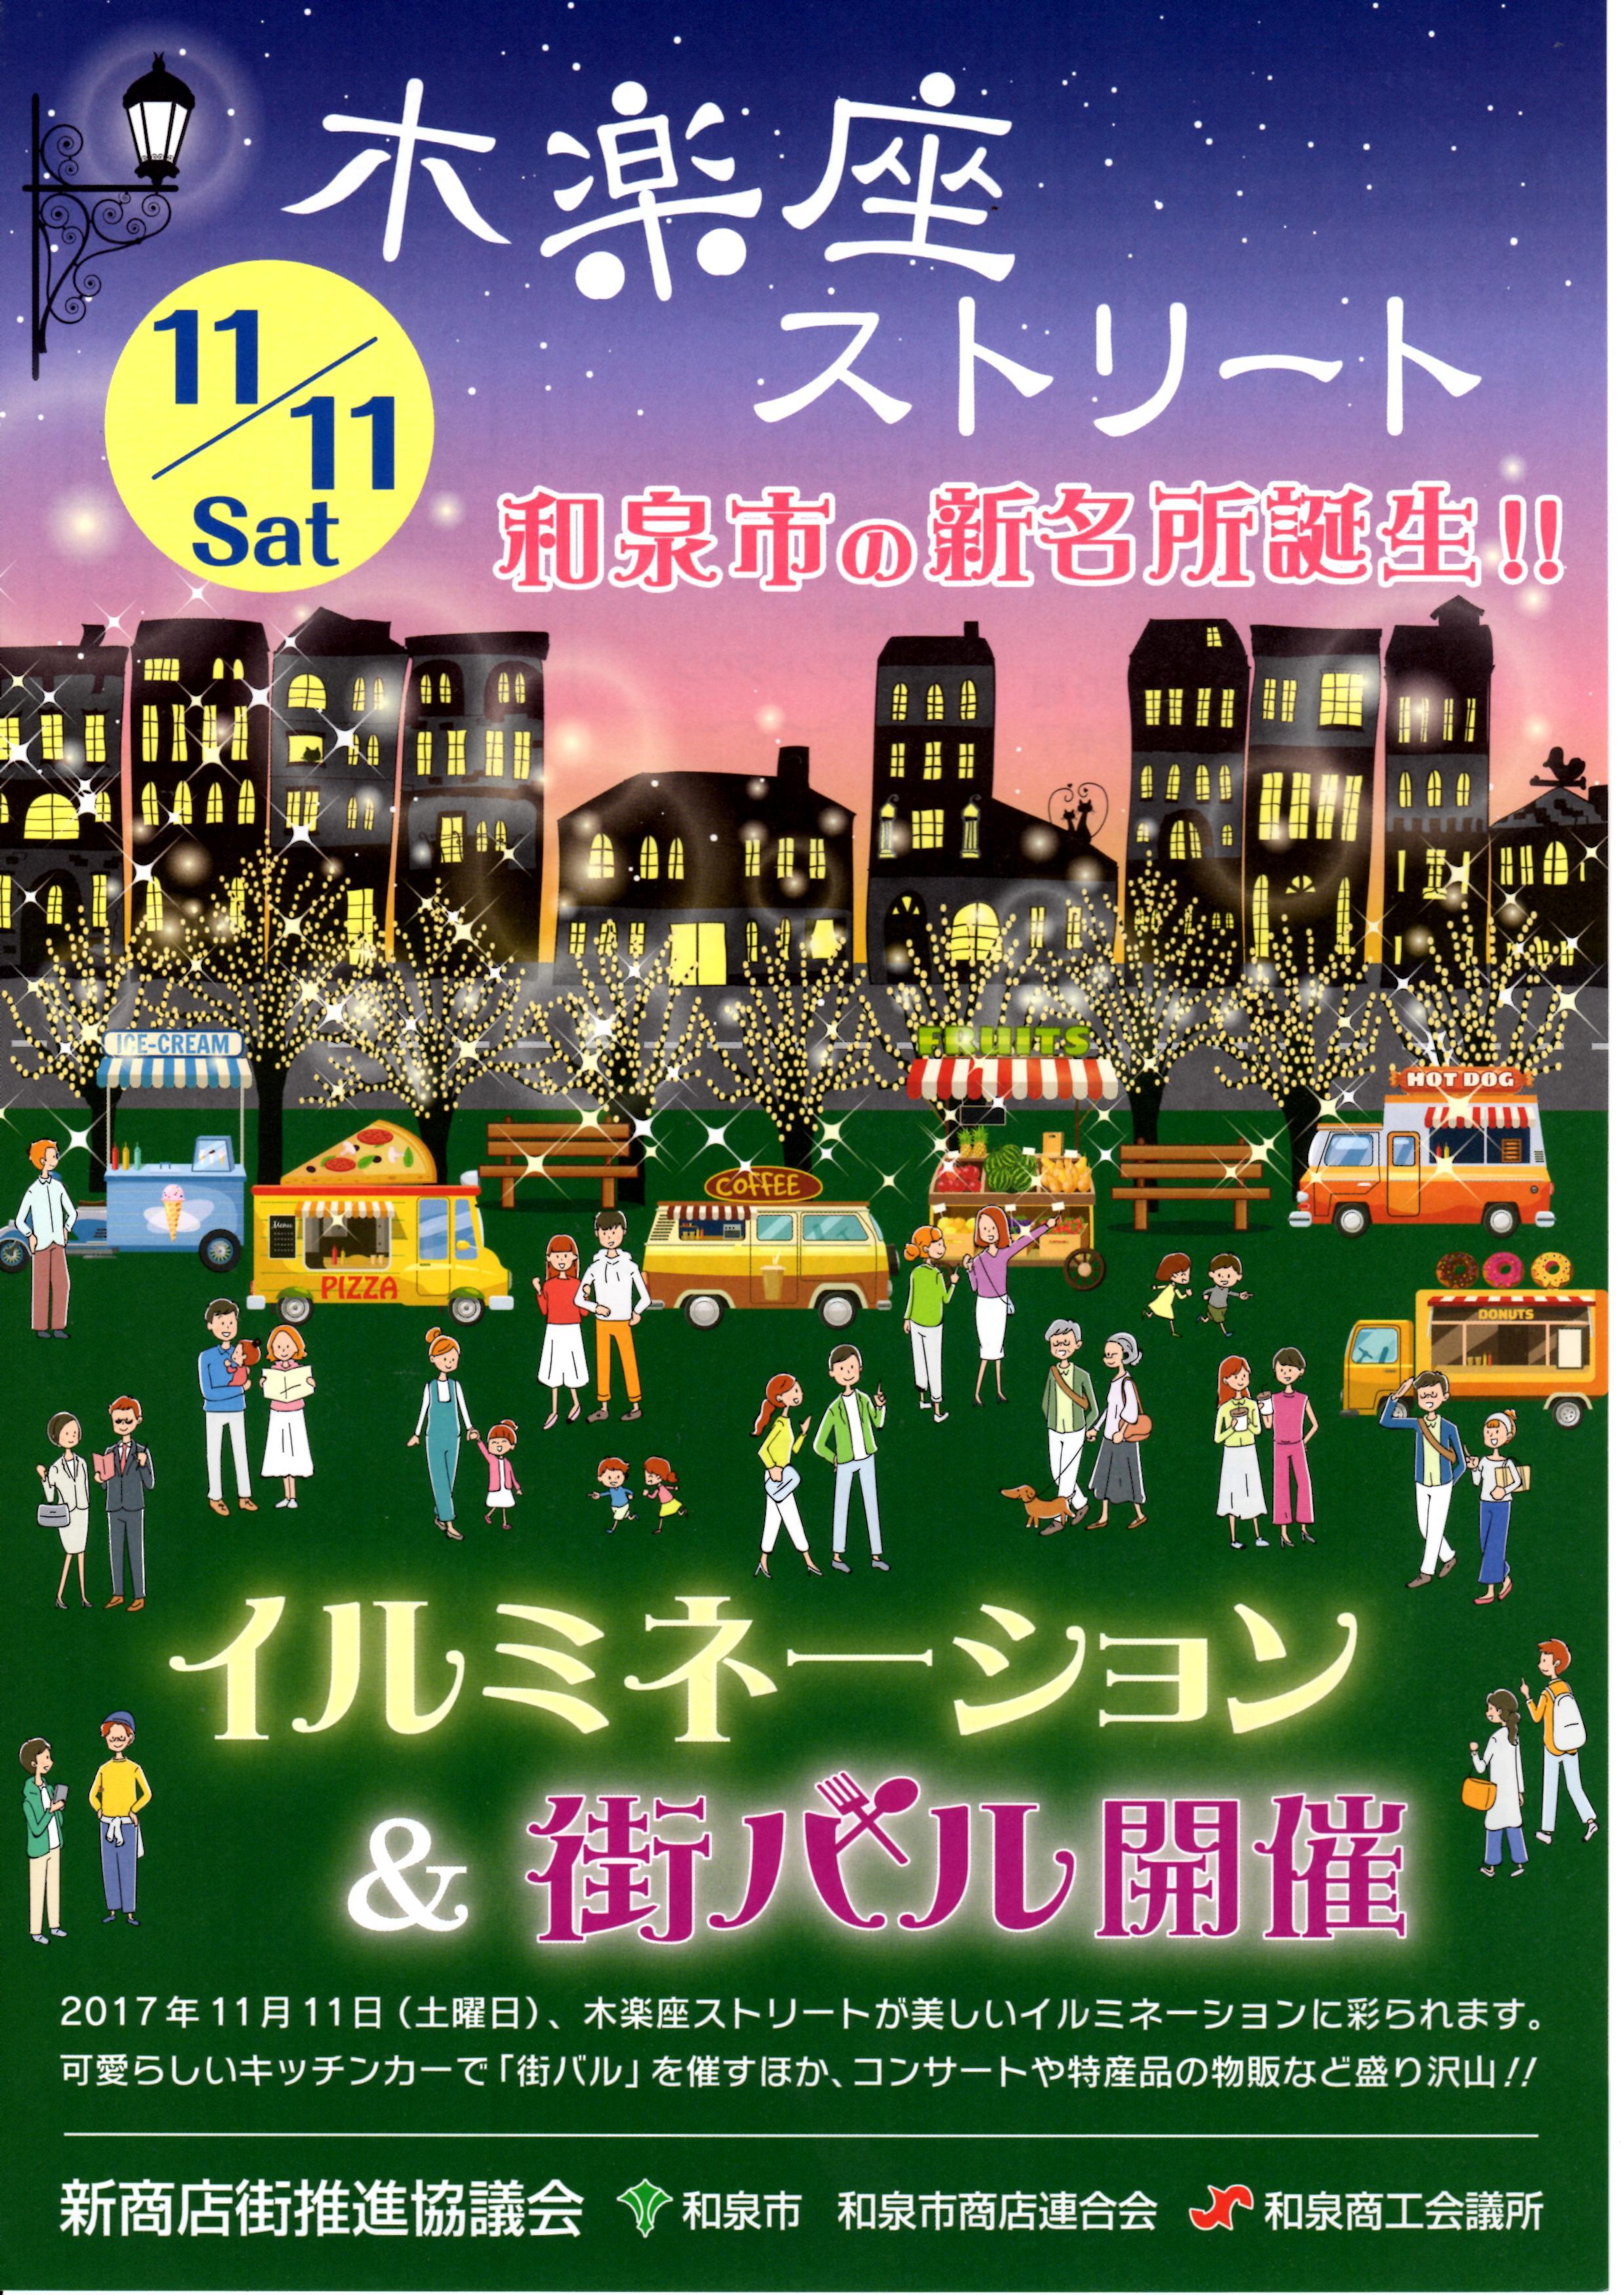 11月11日(土) 木楽座ストリート イルミネーション&街バル開催!!